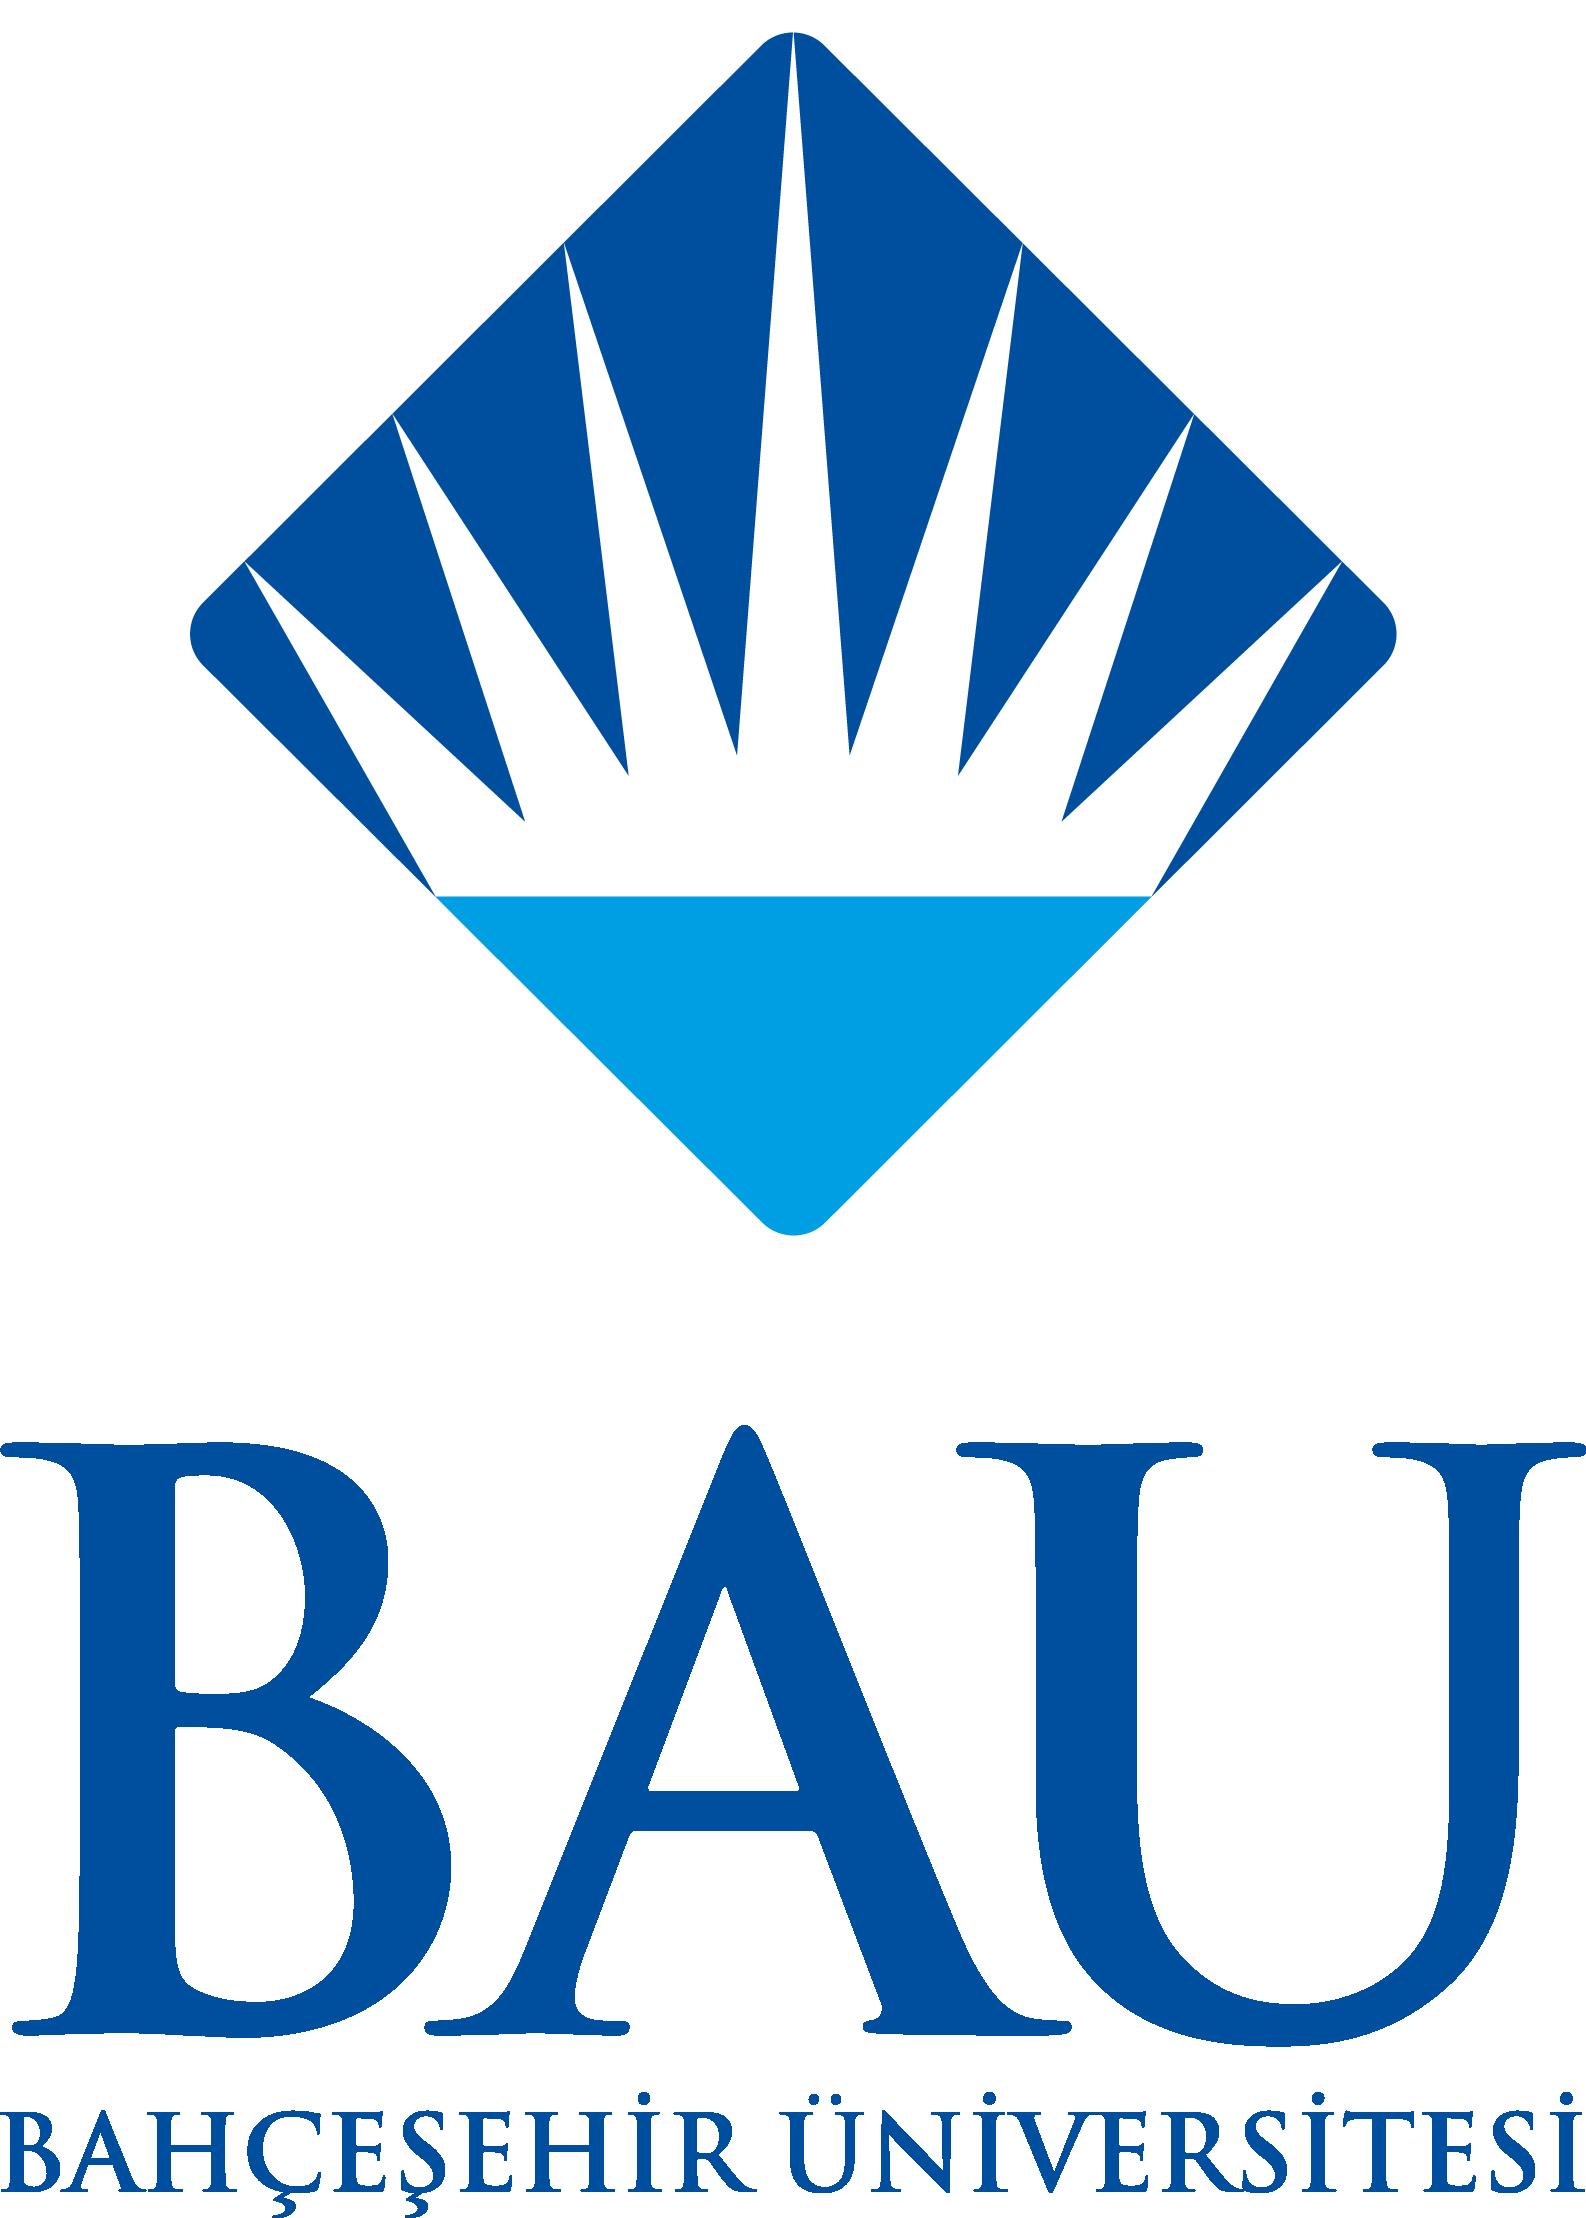 BAU u2013 Bahçeşehir Üniversitesi (İ-BAU u2013 Bahçeşehir Üniversitesi (İstanbul) Logo Vector [EPS File]-8